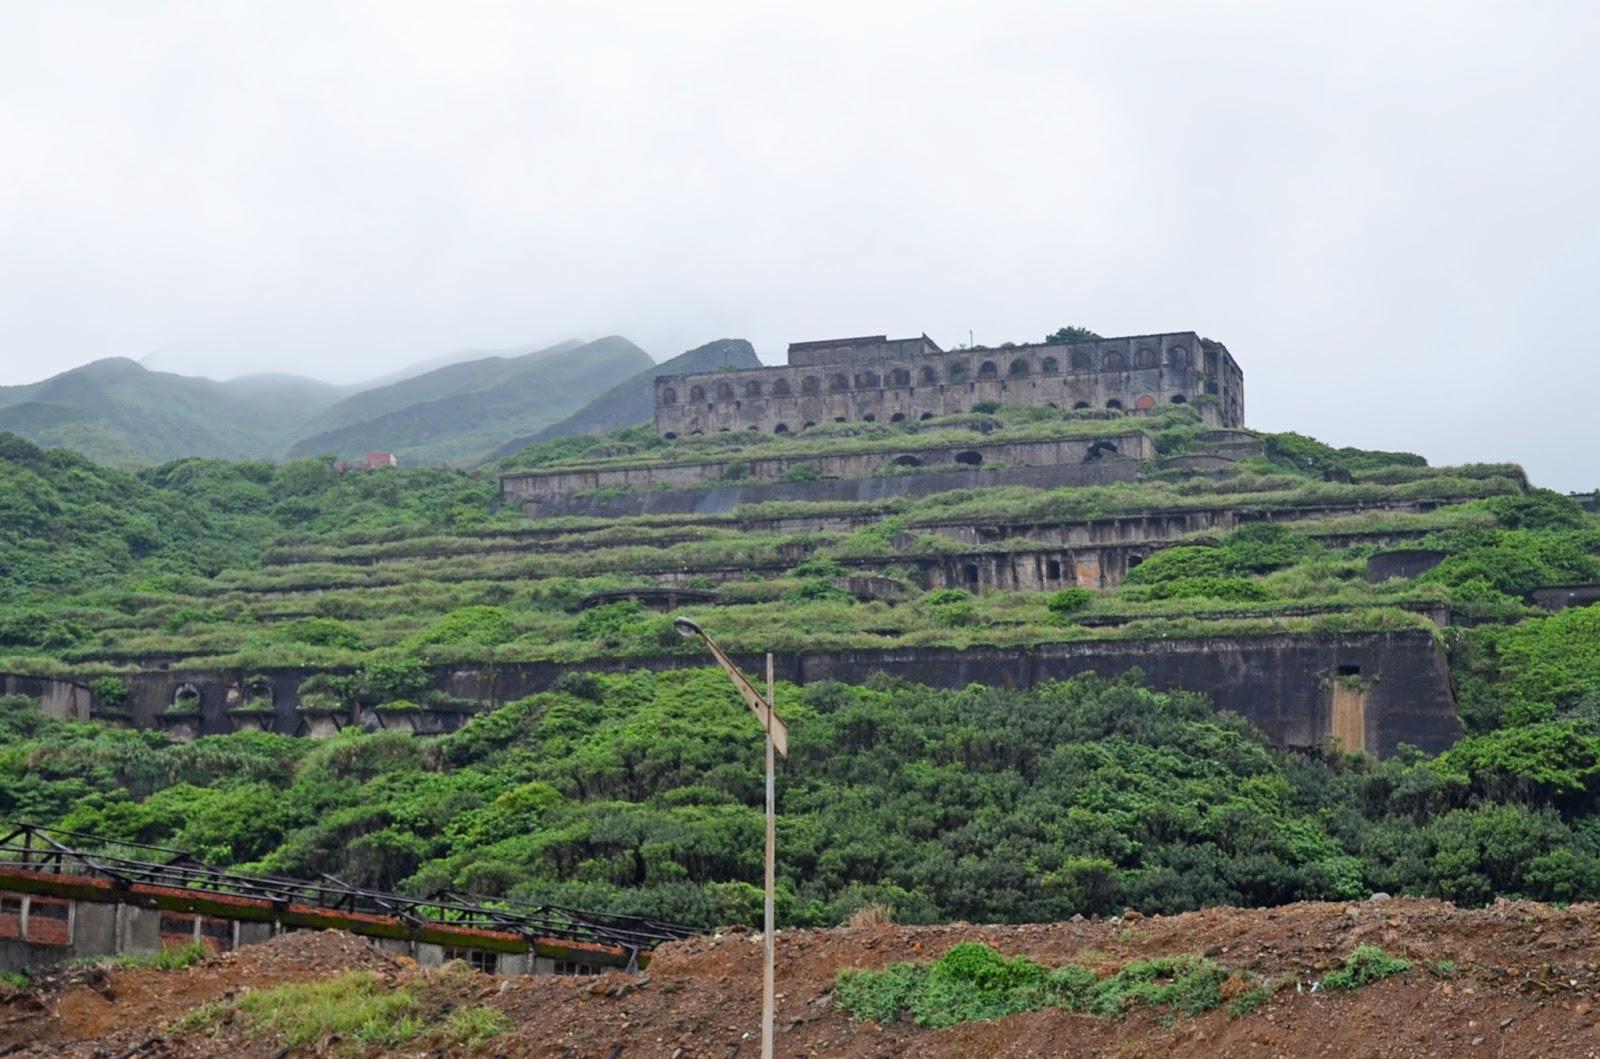 「天空の城といわれる十三層遺跡」(台湾)